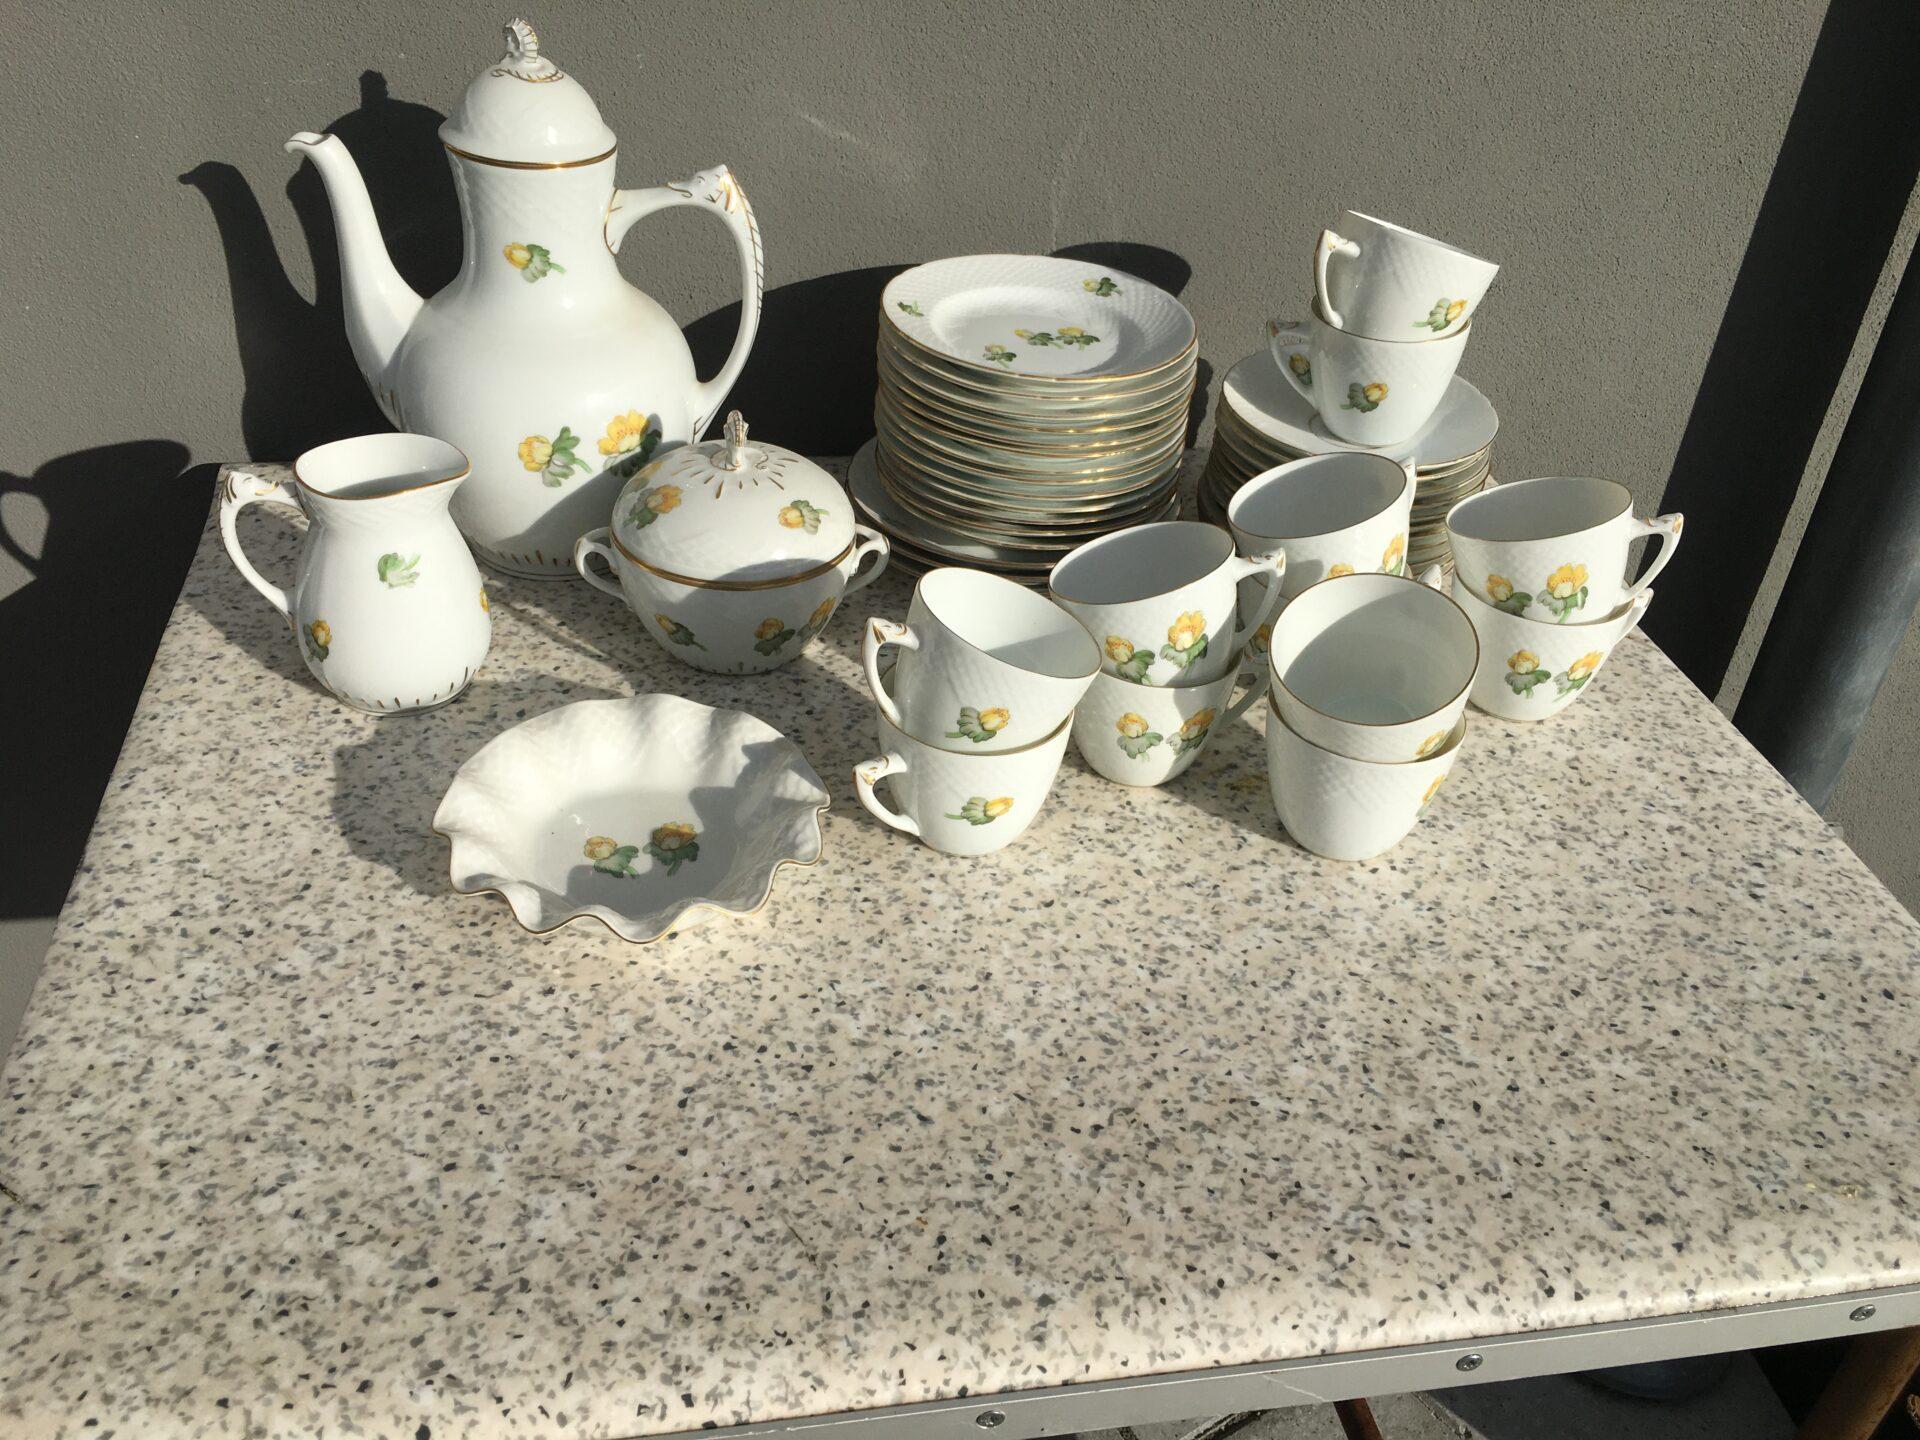 Erantis kaffestel til 12 personer, 1. sortering, fejlfri, velholdt, samlet pris 600kr